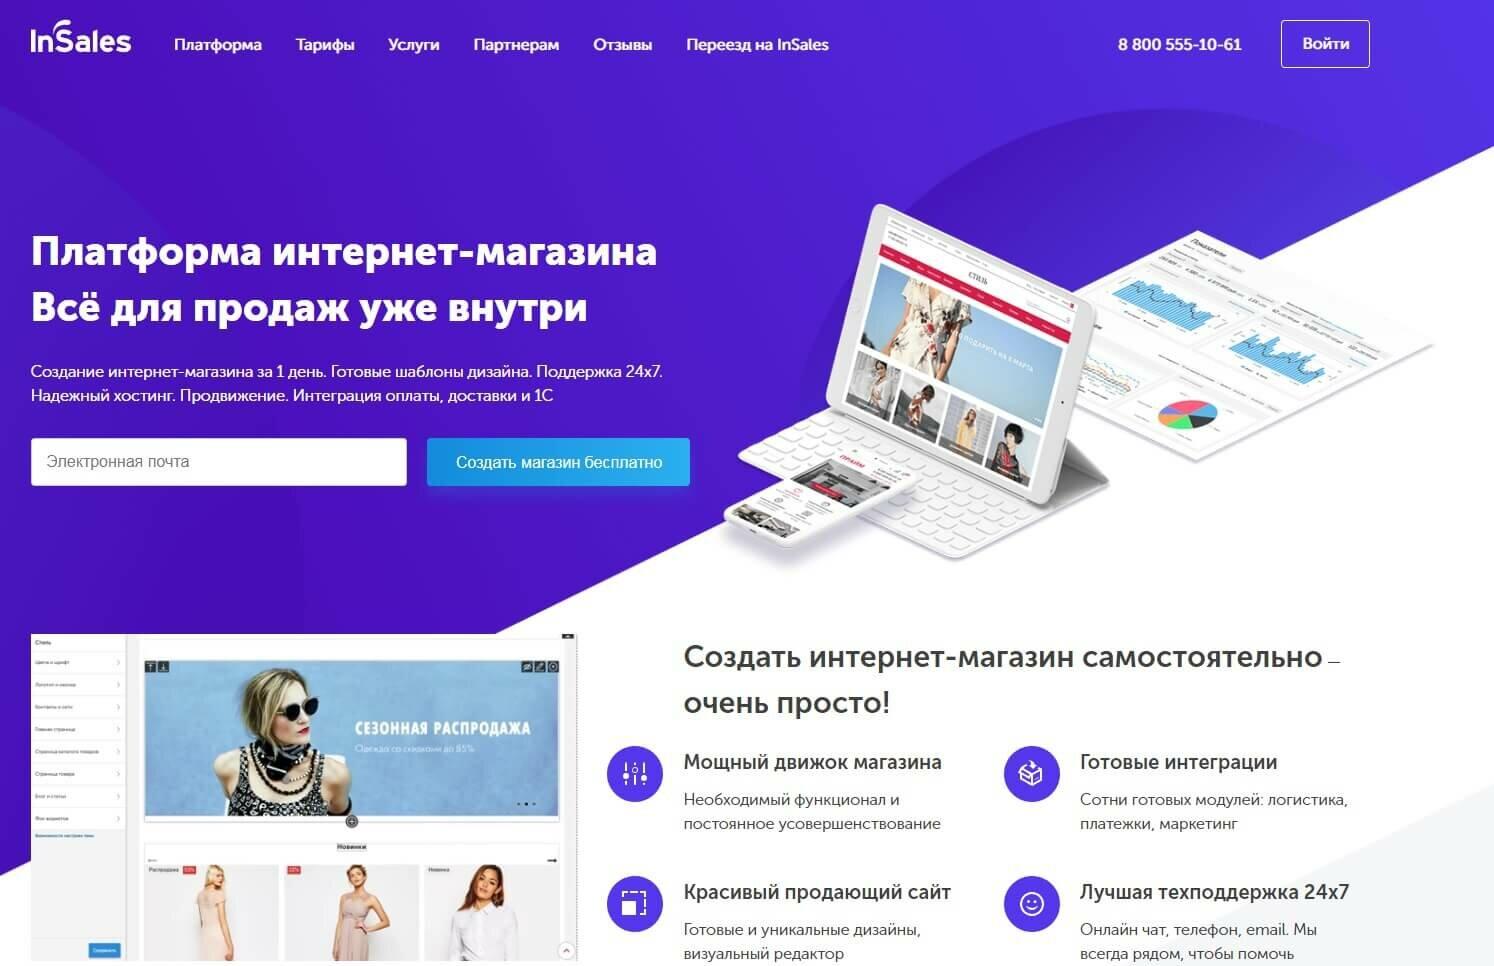 Сделать сайт интернет магазина самостоятельно конструктор по созданию сайтов бесплатно